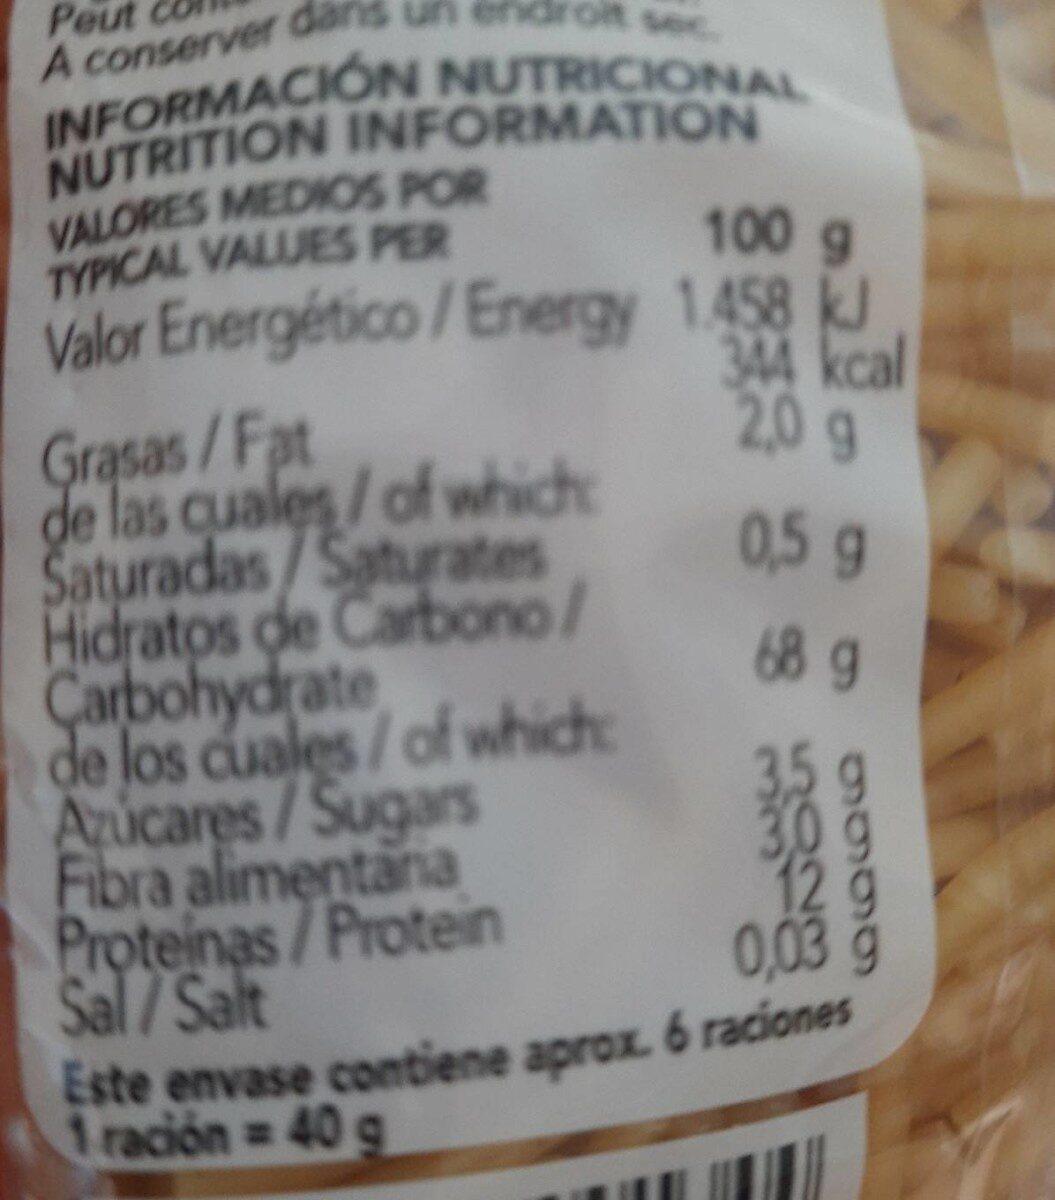 Pasta Gallo Fideus Perla - Información nutricional - fr